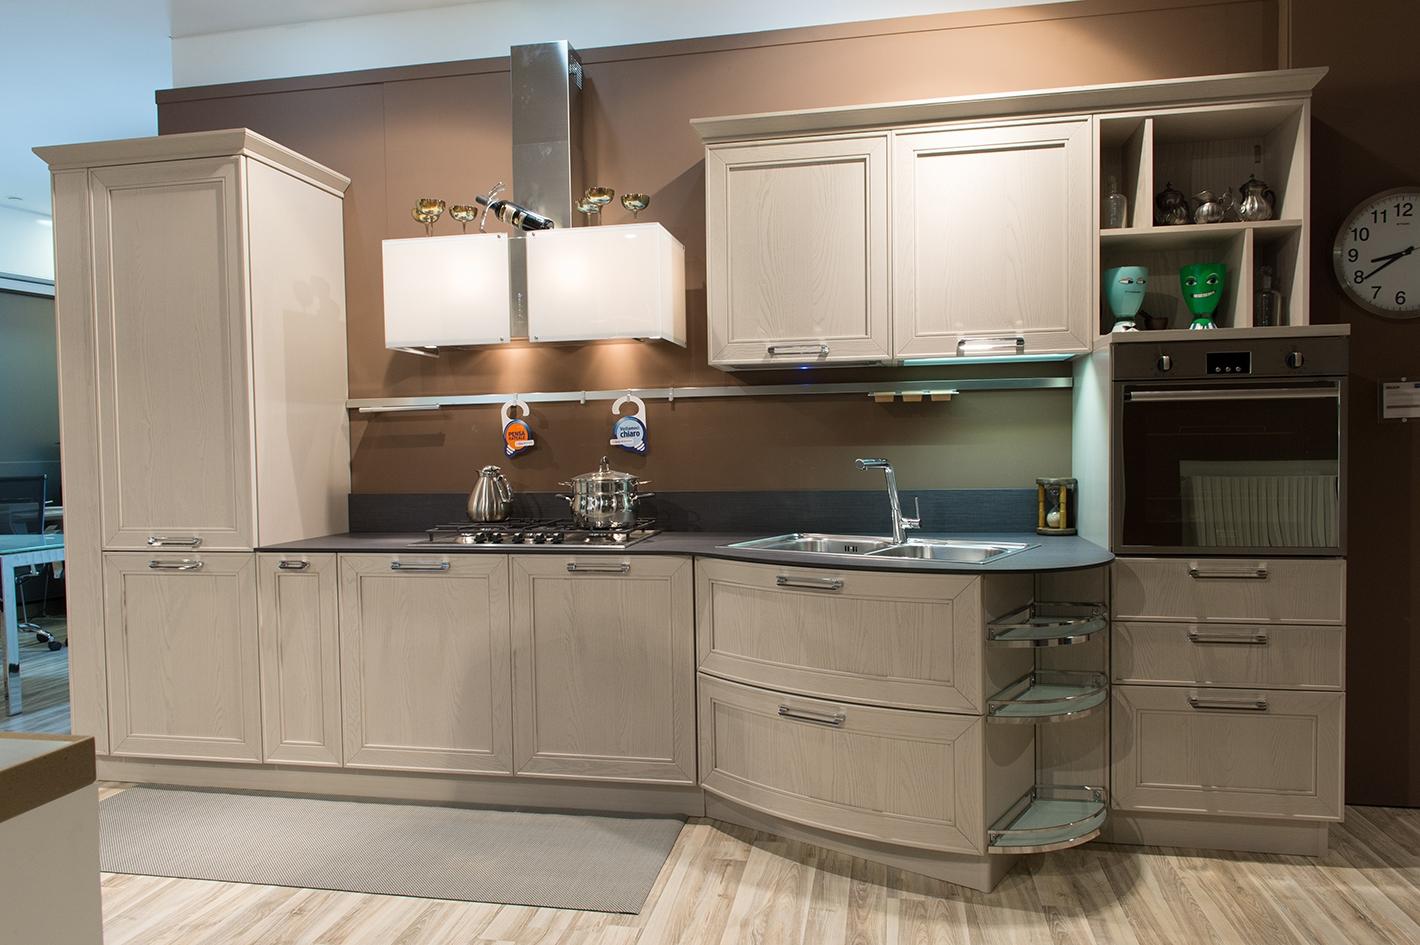 Cucina stosa maxim in offerta completa di elettrodomestici - Disposizione elettrodomestici cucina ...